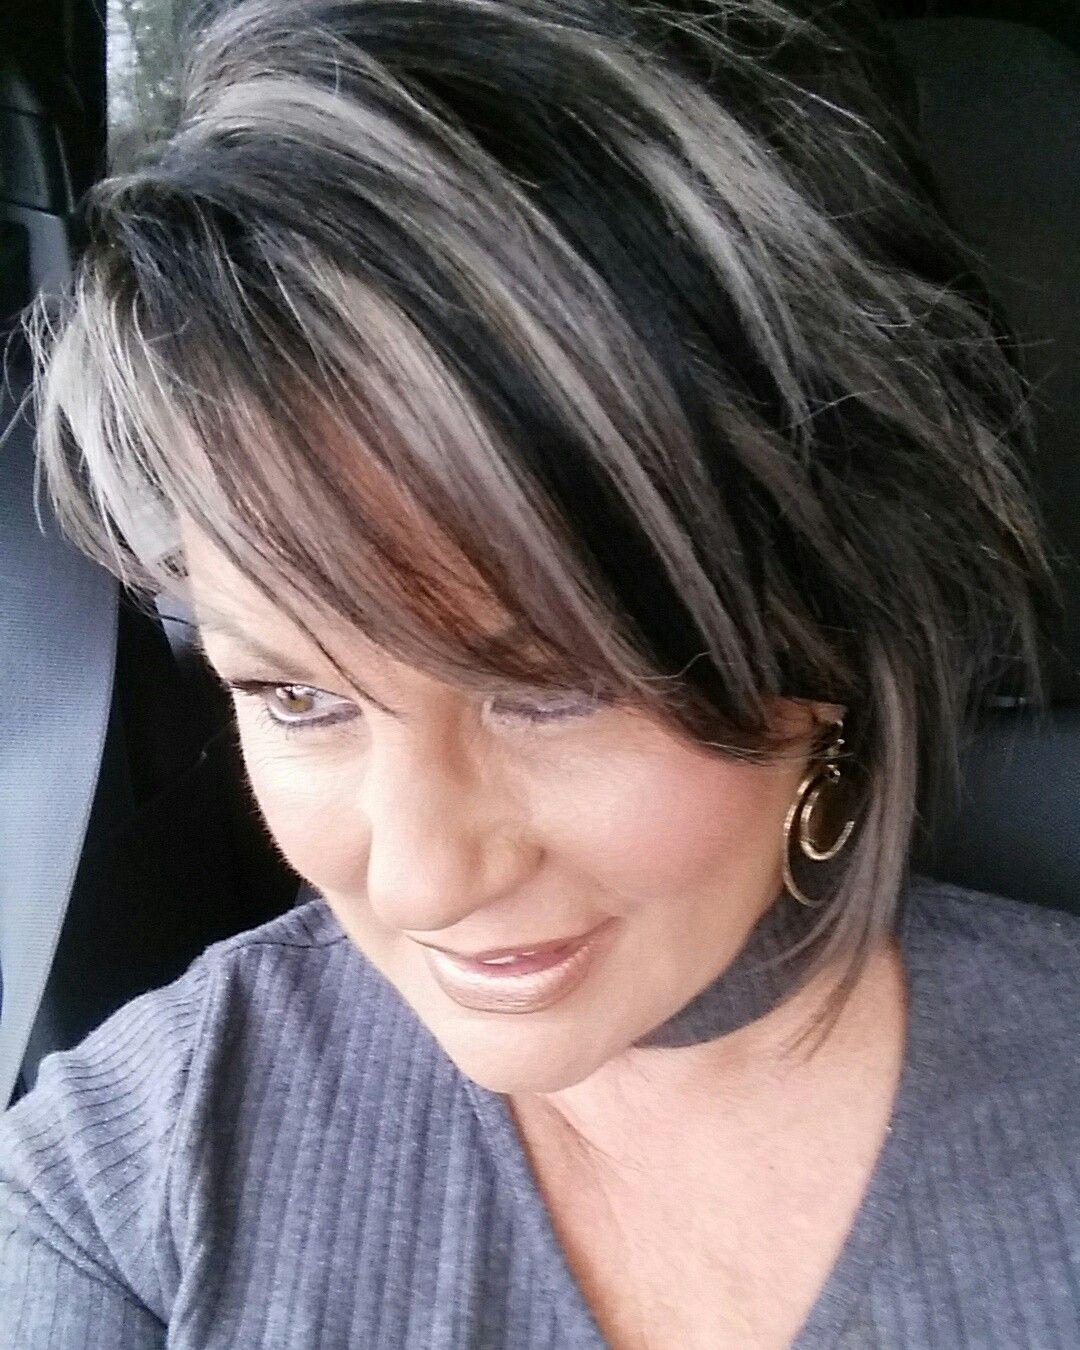 silver highlights pretty hair